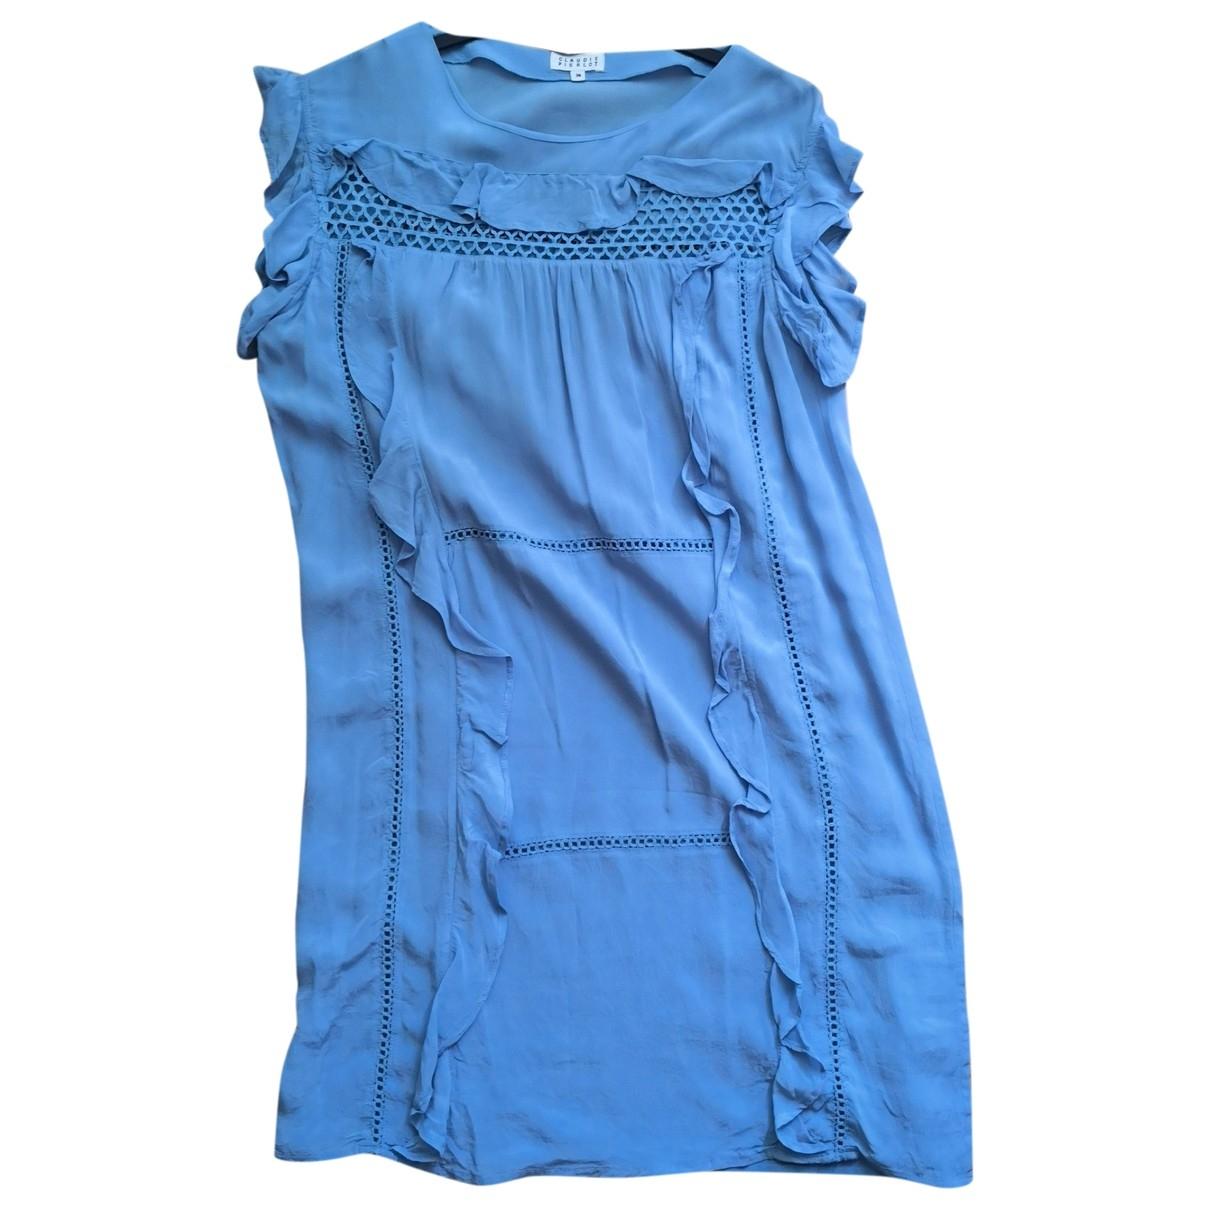 Claudie Pierlot \N Kleid in  Blau Baumwolle - Elasthan